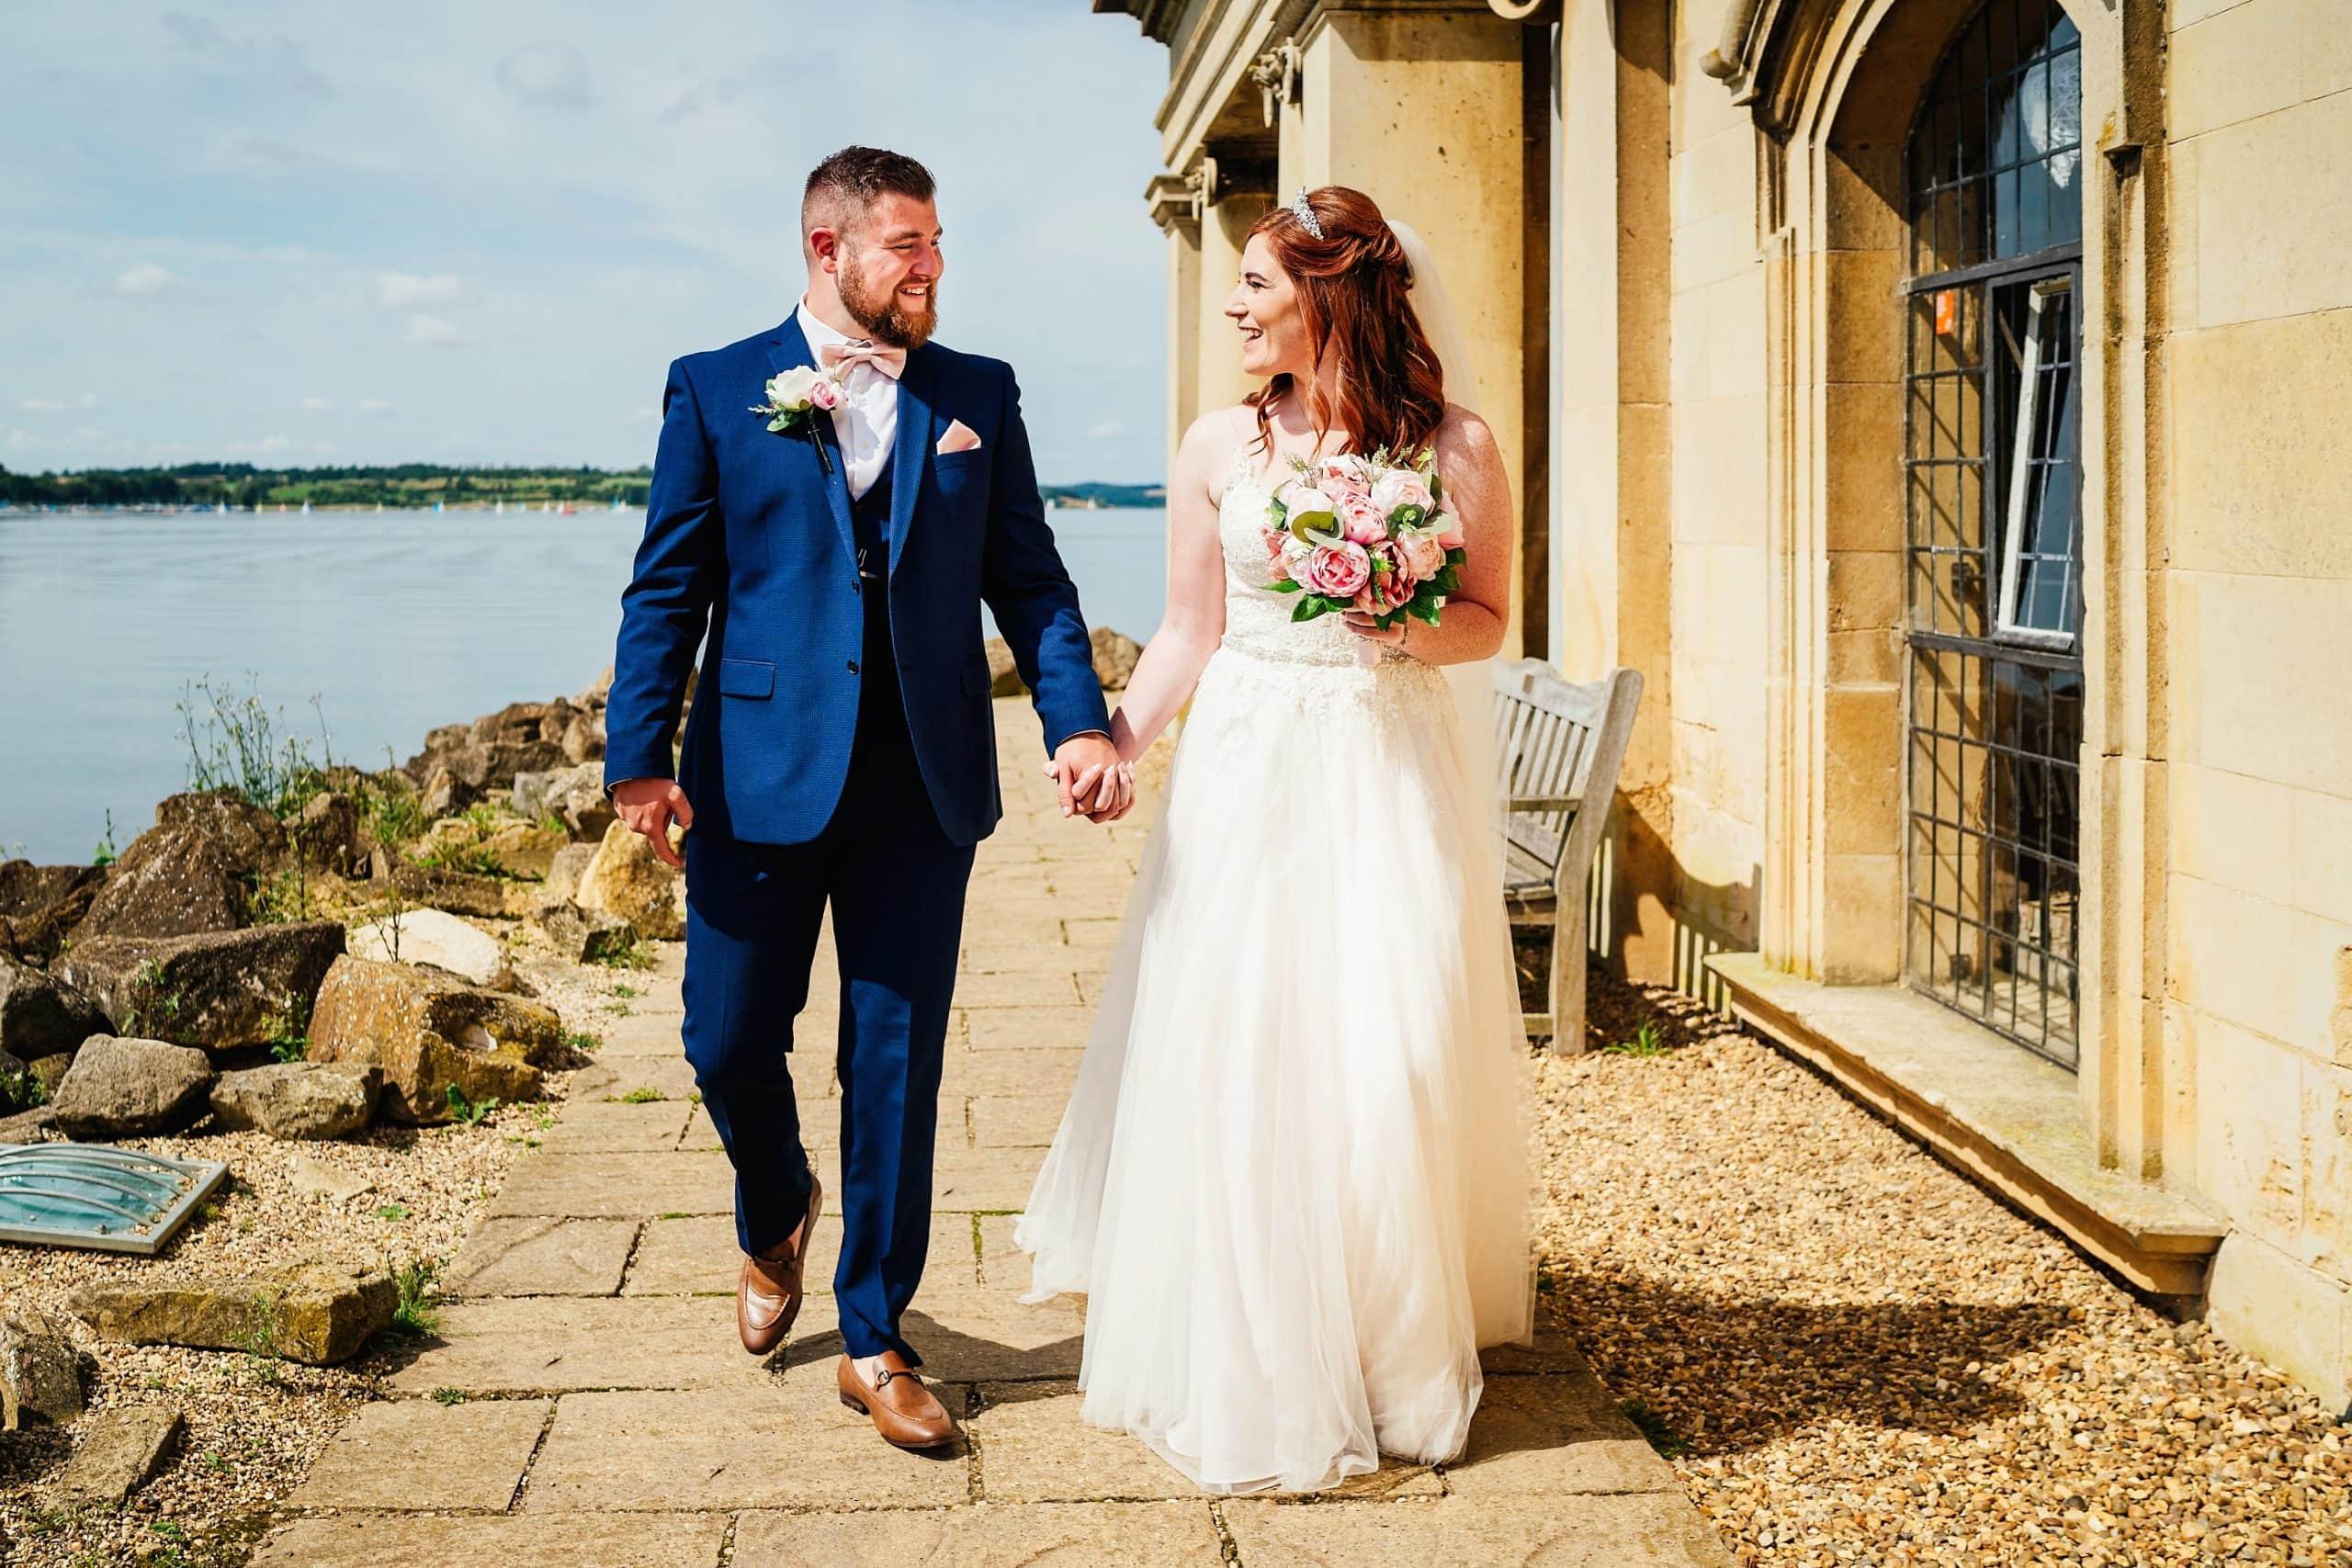 normanton-church-wedding-photography-14